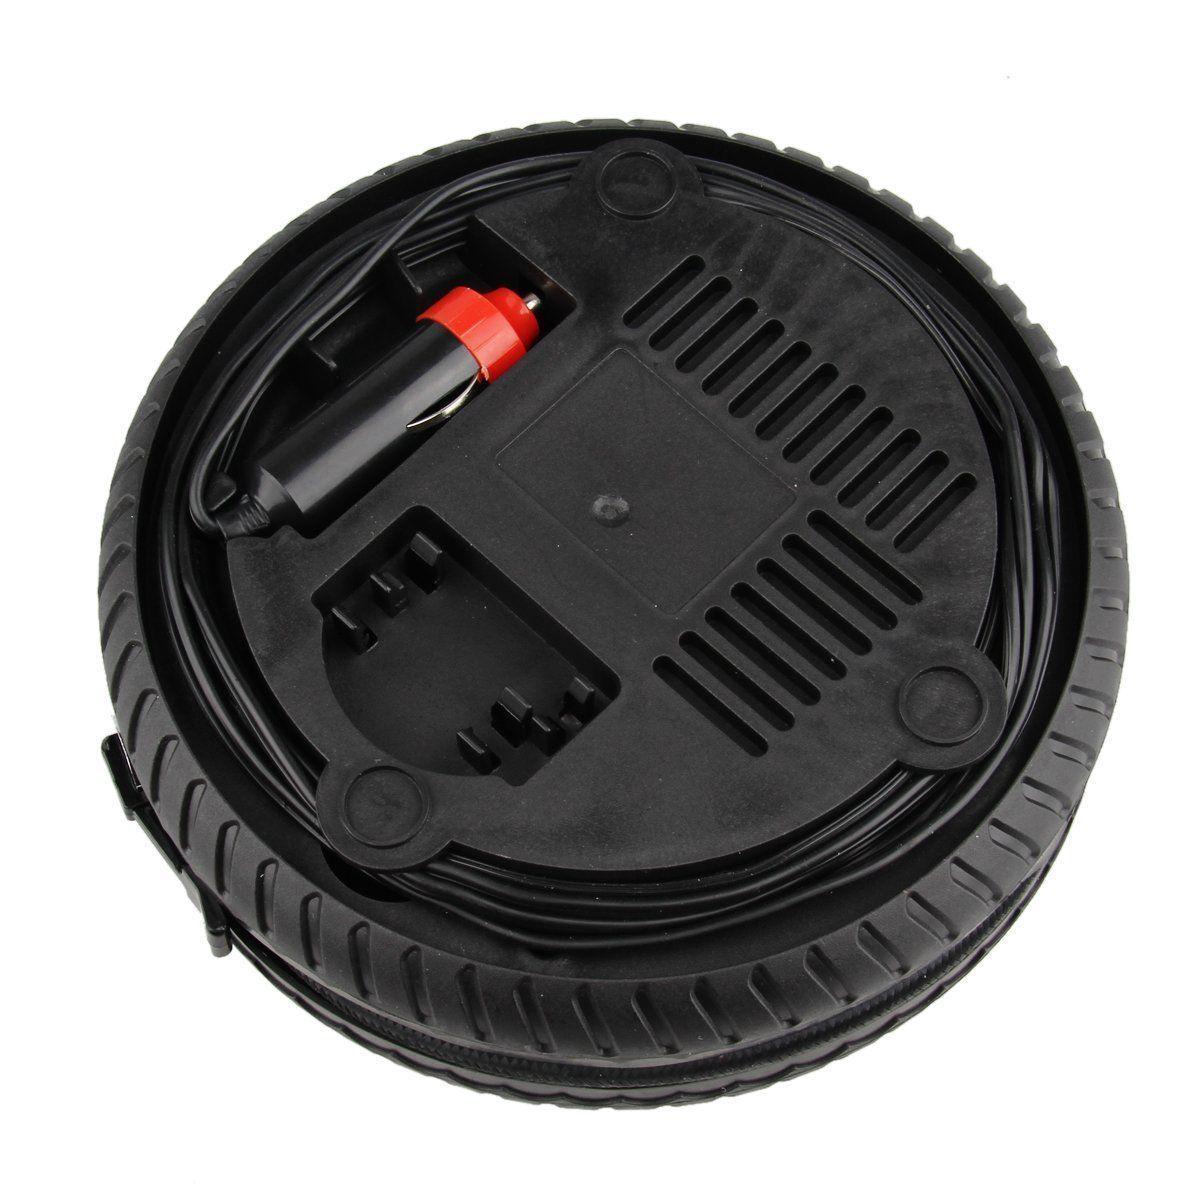 2019 Mini Tragbare Elektrische Luftkompressorpumpe Auto Reifenfüller Pumpe Werkzeug 12 V 260PSI FP9 Freies Shpping